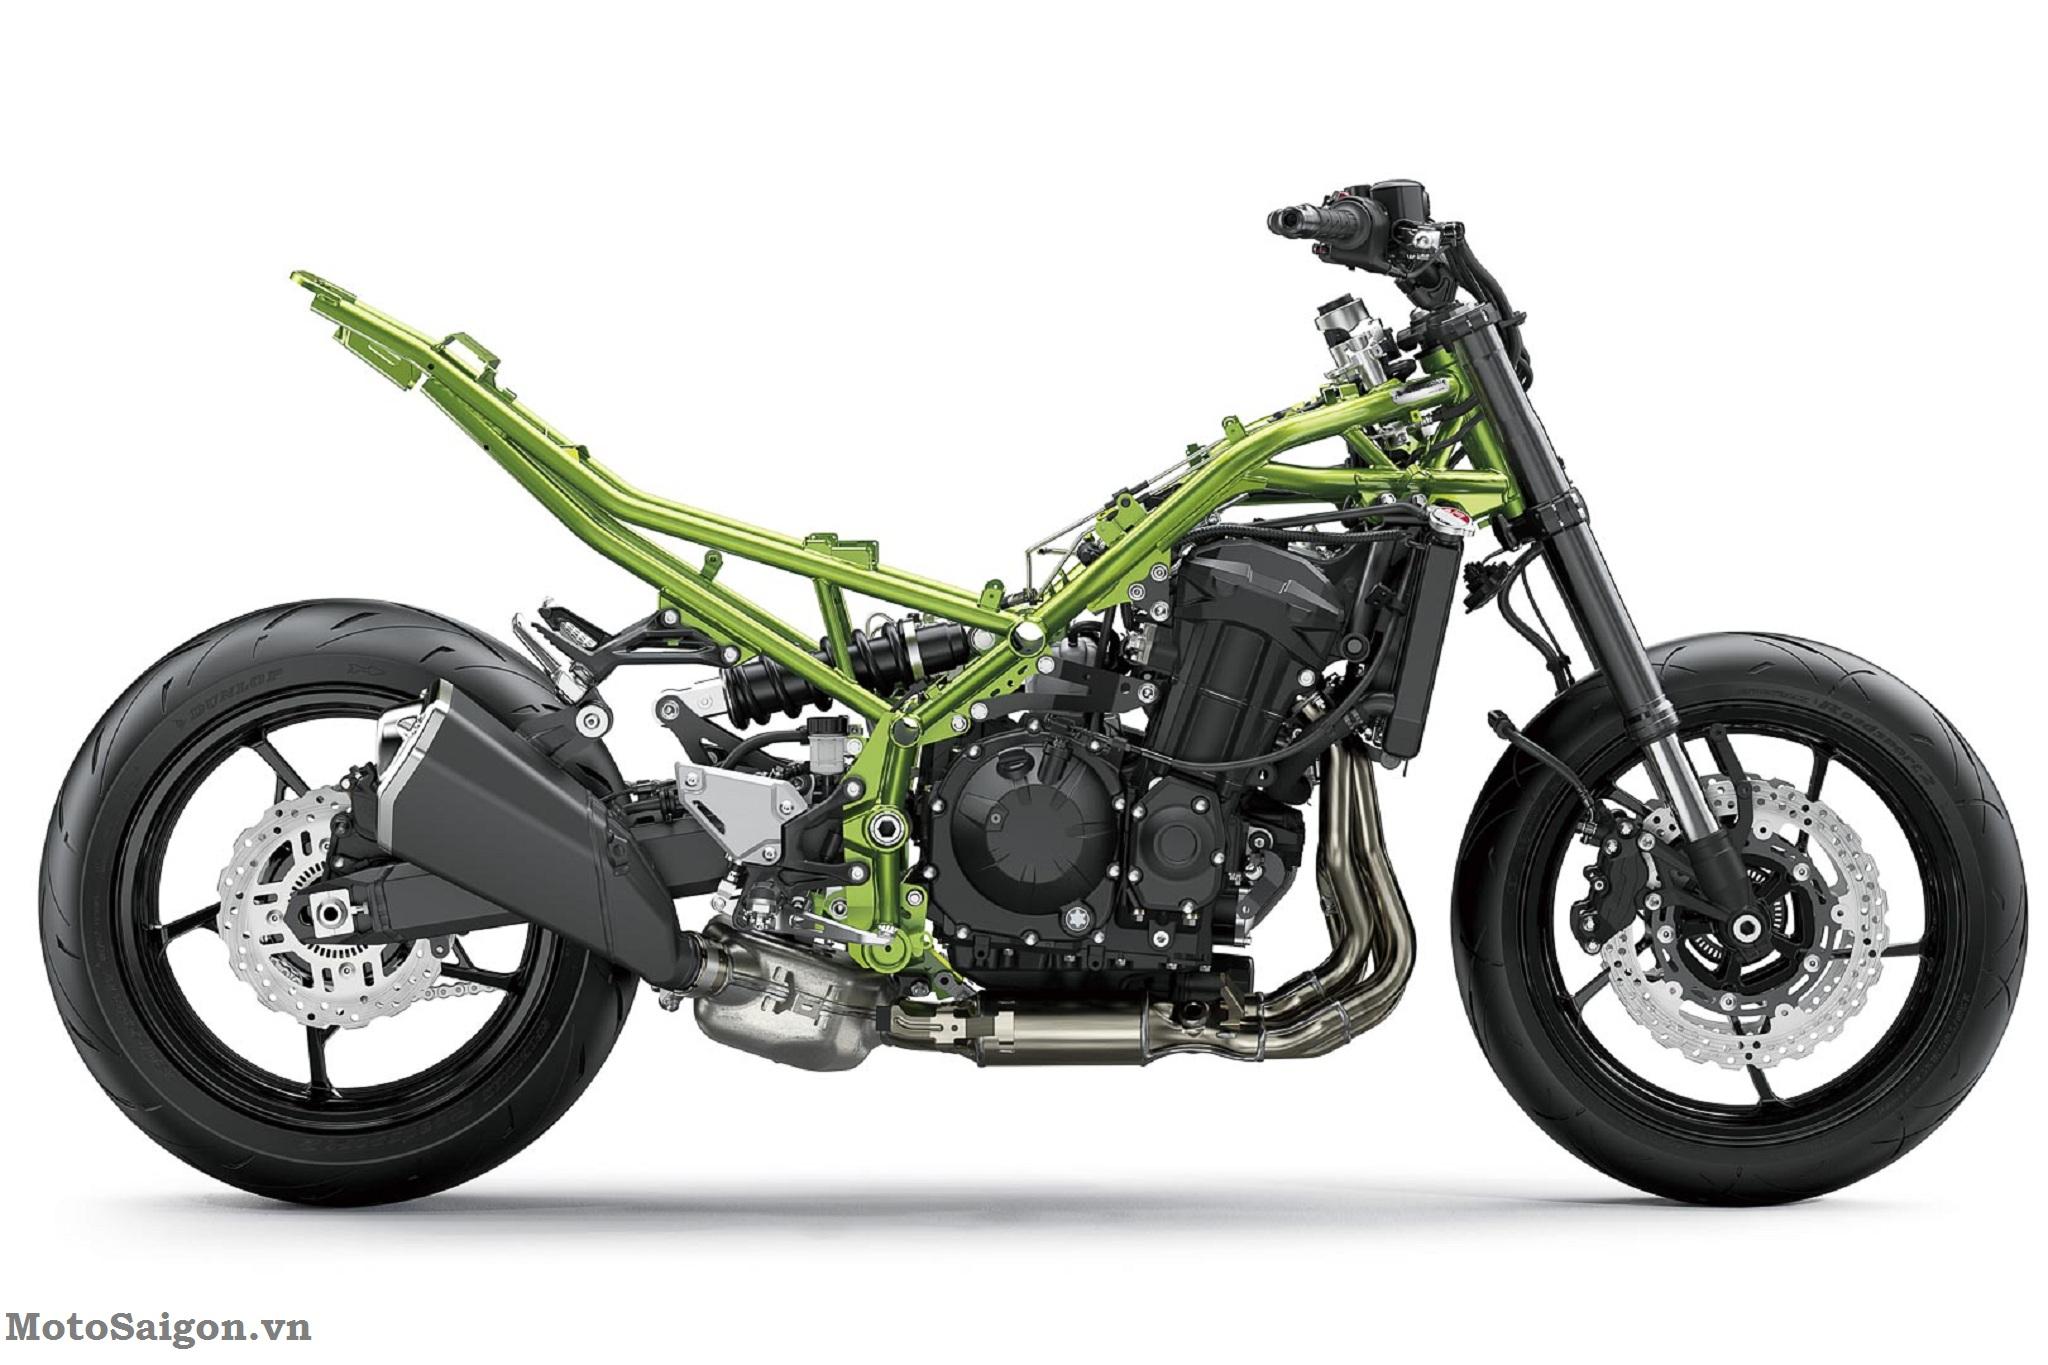 Bộ khung thép rắn chắc của Kawasaki Z900 2020